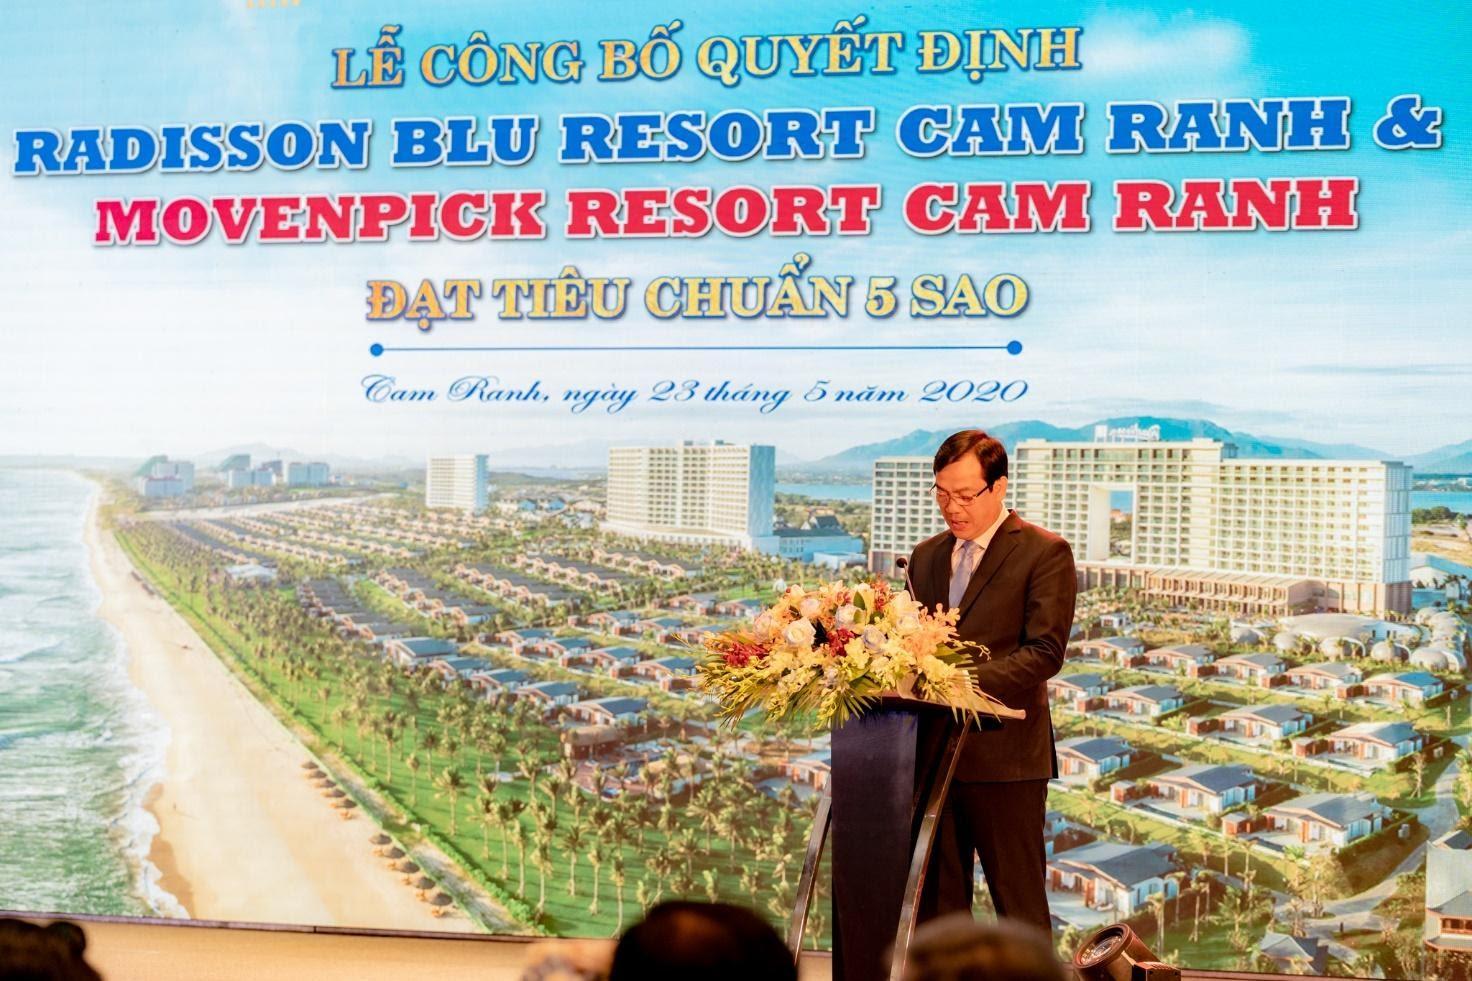 Movenpick Resort Cam Ranh và Radisson Blu Resort Cam Ranh chính thức được công nhận 5 sao - Ảnh 4